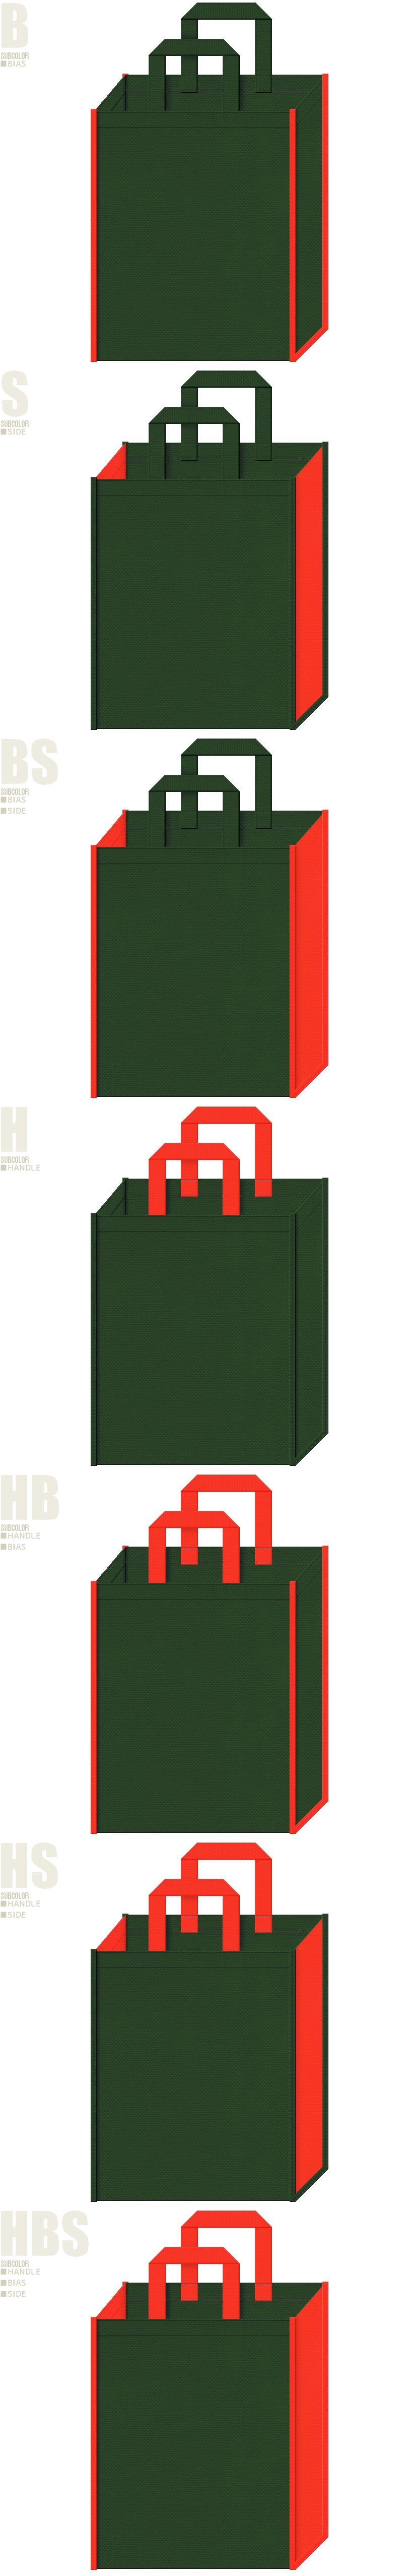 パンプキン・ハロウィン・バーベキュー・キャンプ・アウトドア用品の展示会用バッグにお奨めの不織布バッグデザイン:濃緑色とオレンジ色の不織布バッグ配色7パターン。